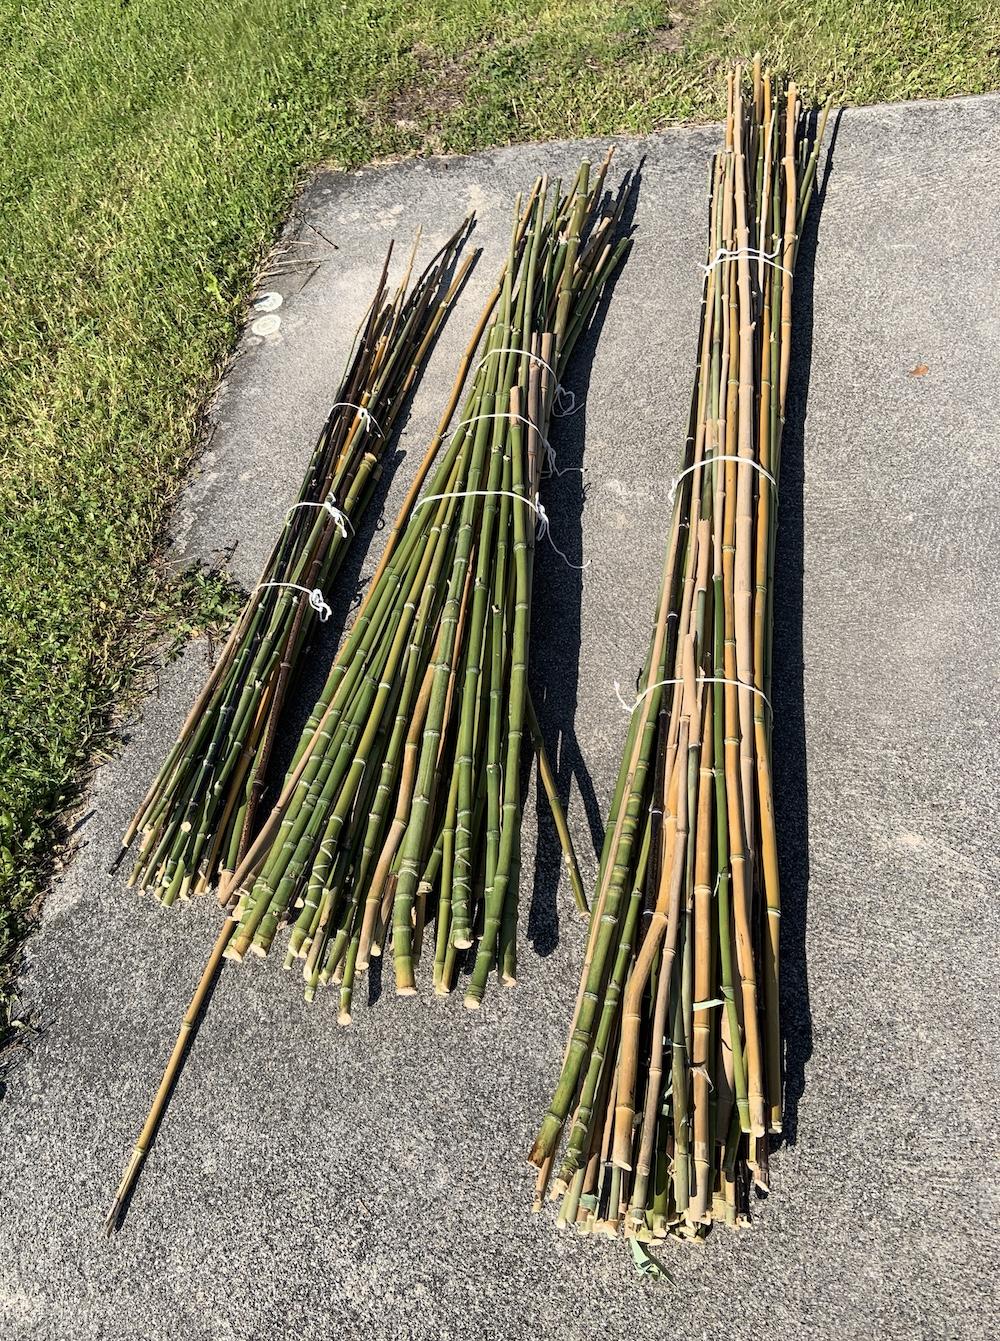 Faire Une Palissade En Bambou : faire, palissade, bambou, Comment, Construire, Palissade, Cultiver, Légumes, Greenastic